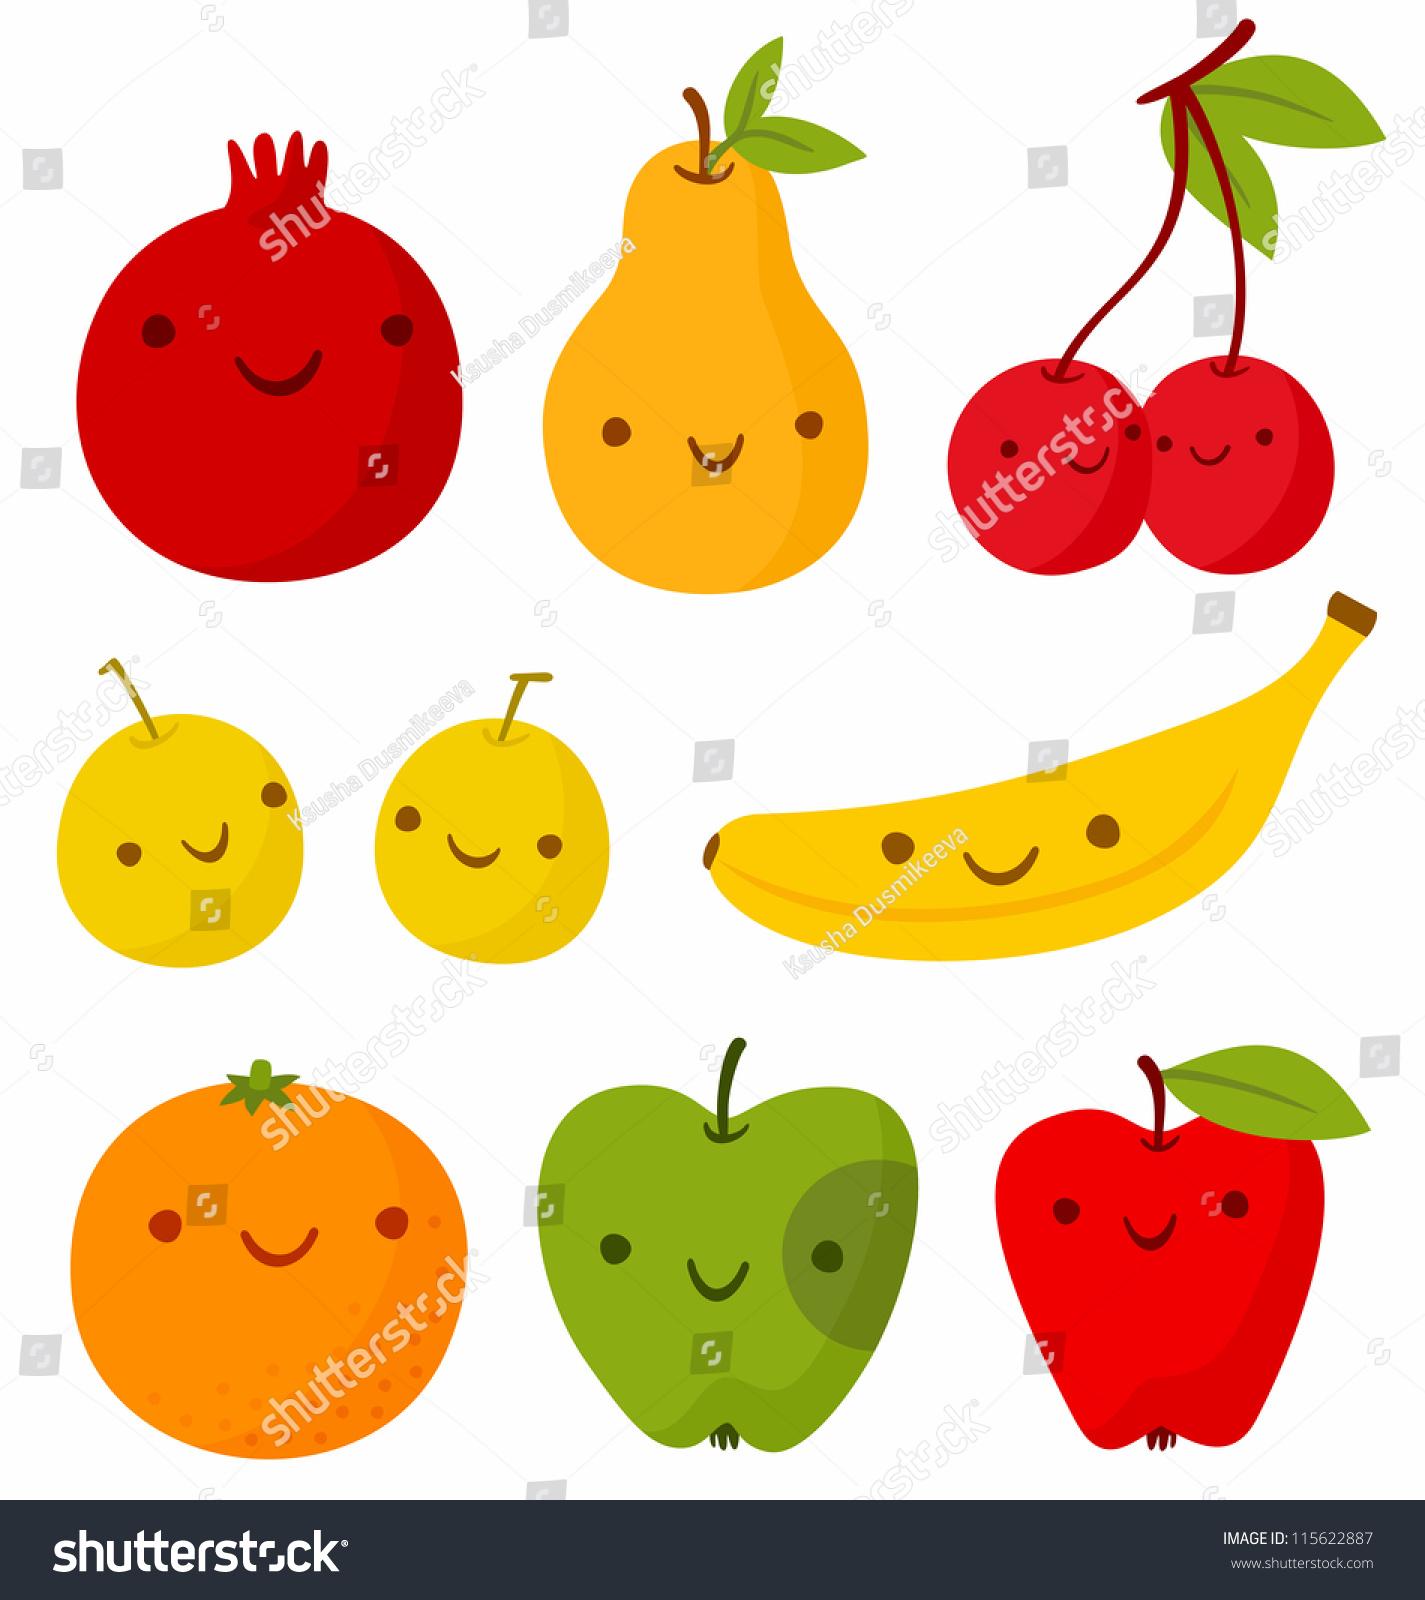 Cute fruit art